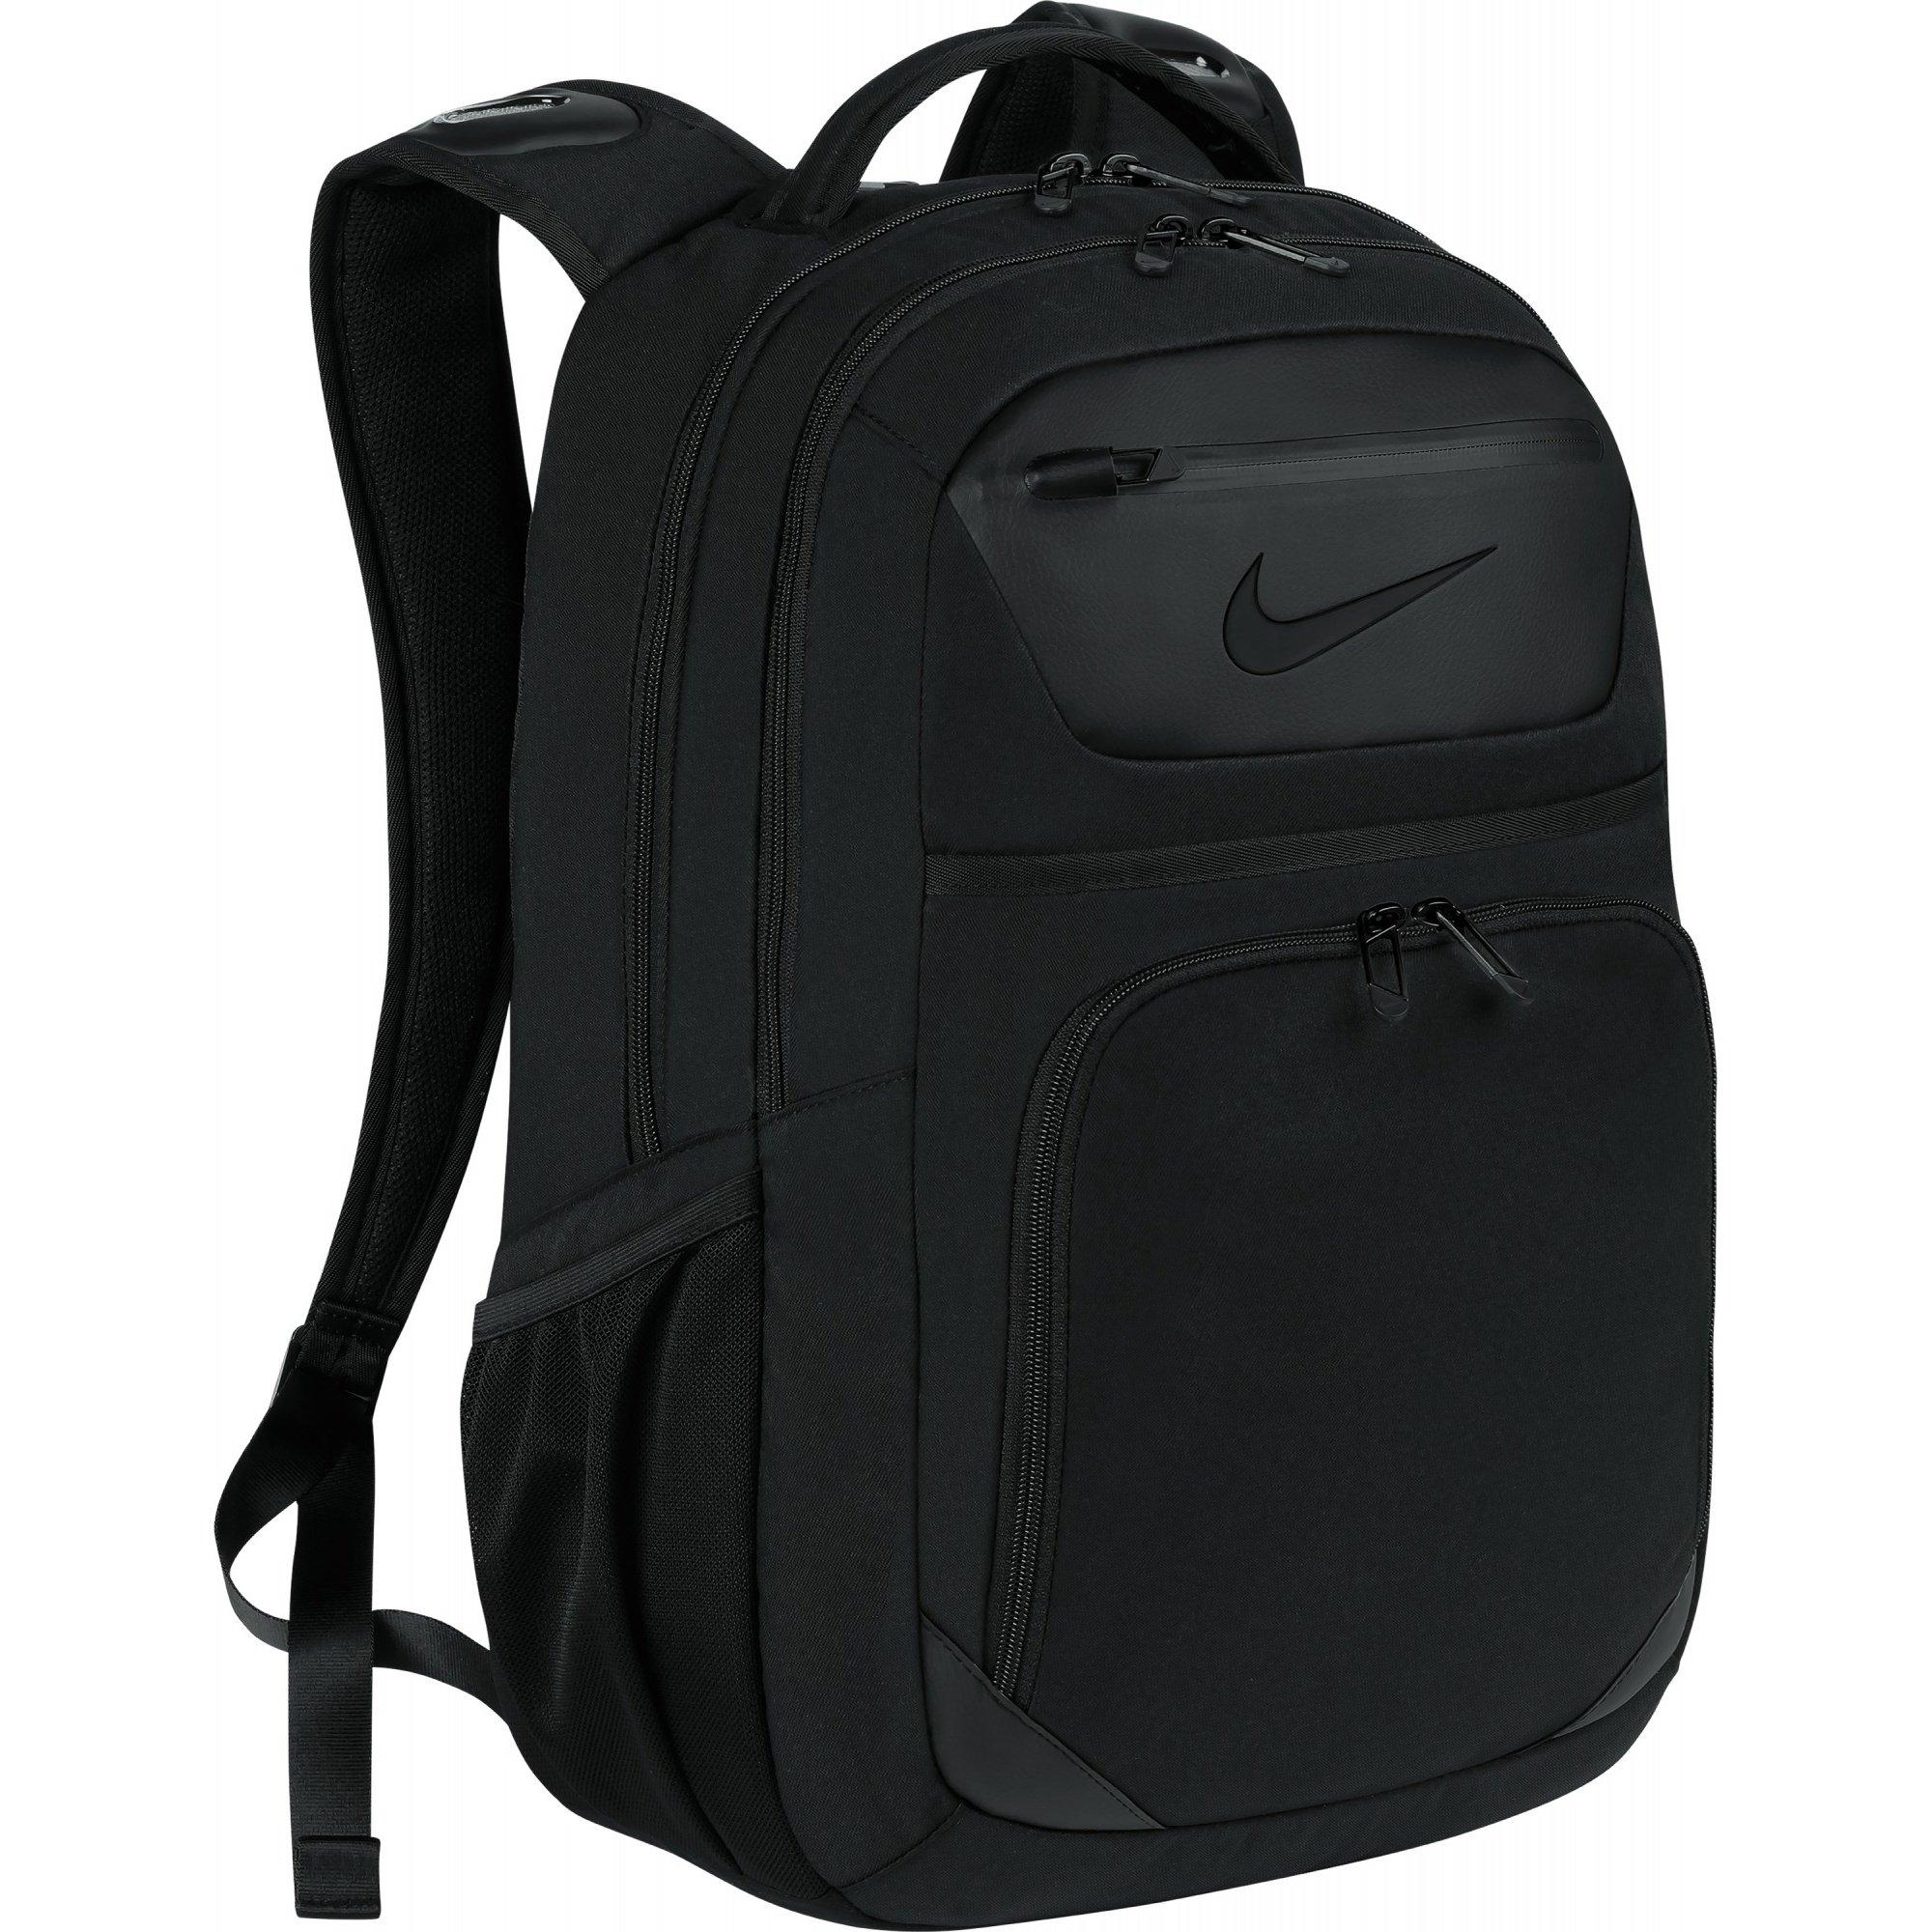 Nike Departure 3 Backpack 2017 Black